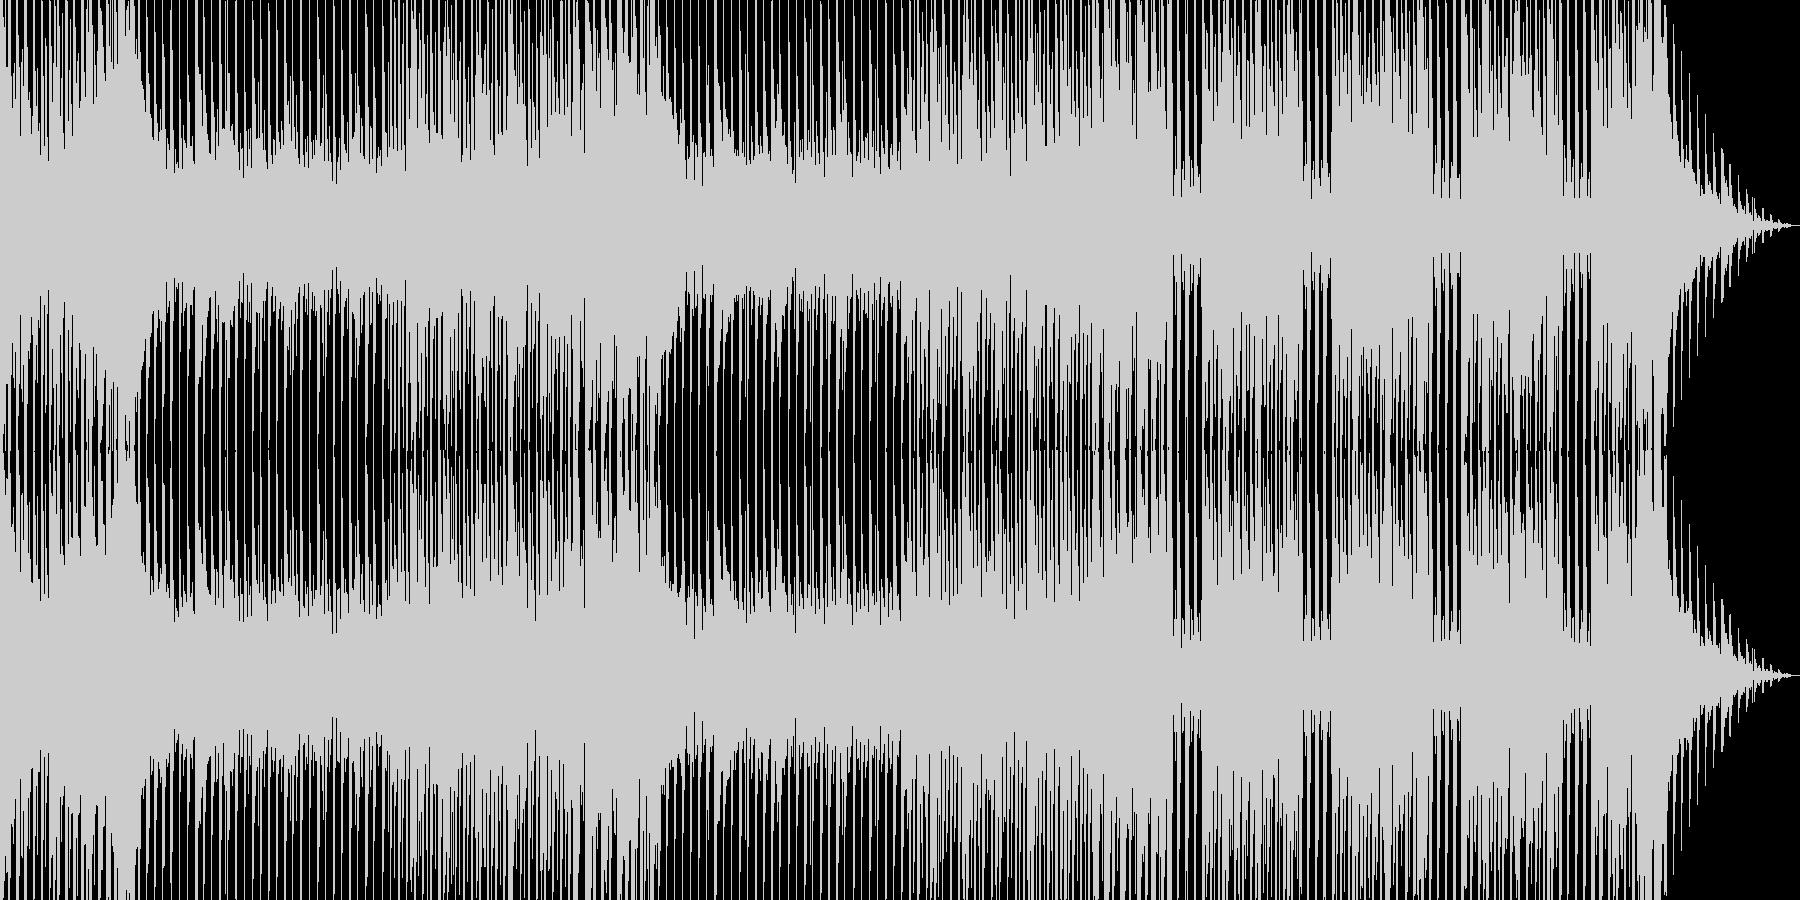 ダンス。ビデオコード、毎日。の未再生の波形